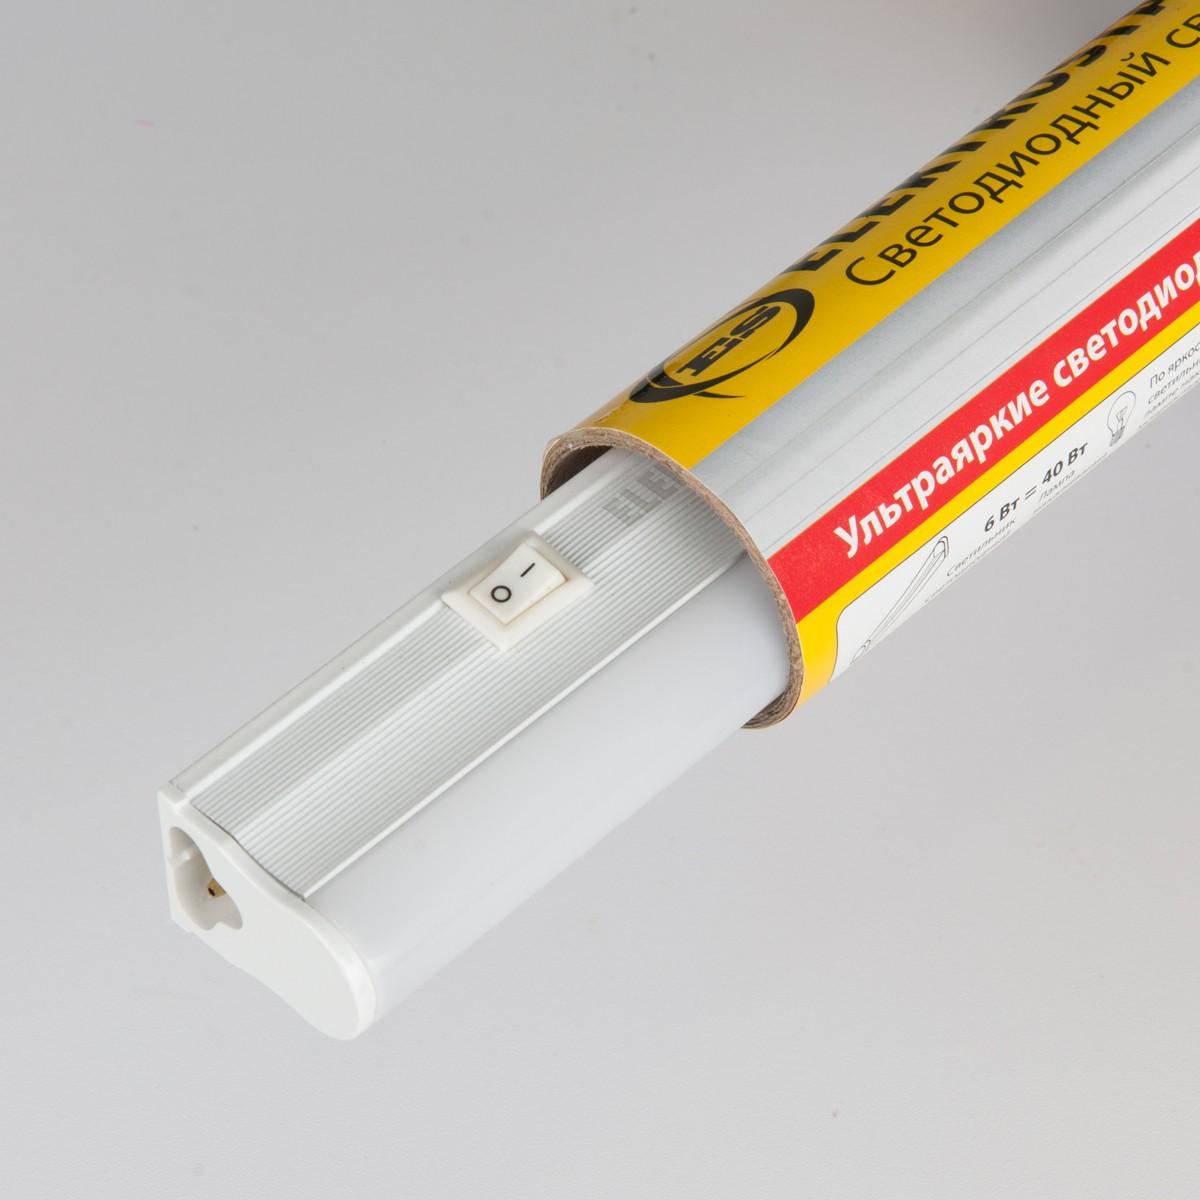 Дополнительное фото 2 товара Накладной светильник Elektrostandard Led Stick a033730